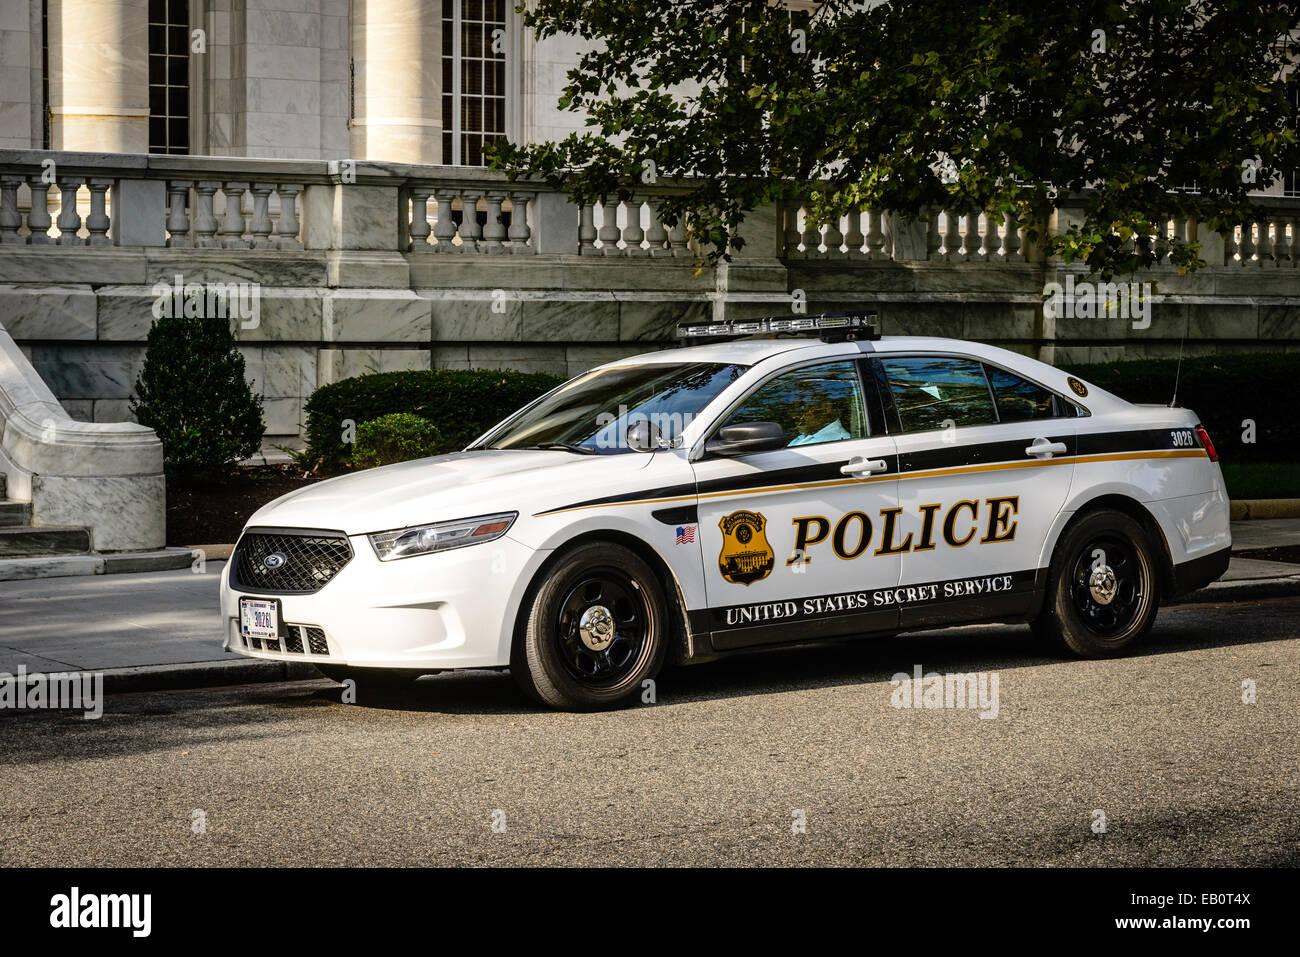 united states secret service police ford taurus police car. Black Bedroom Furniture Sets. Home Design Ideas